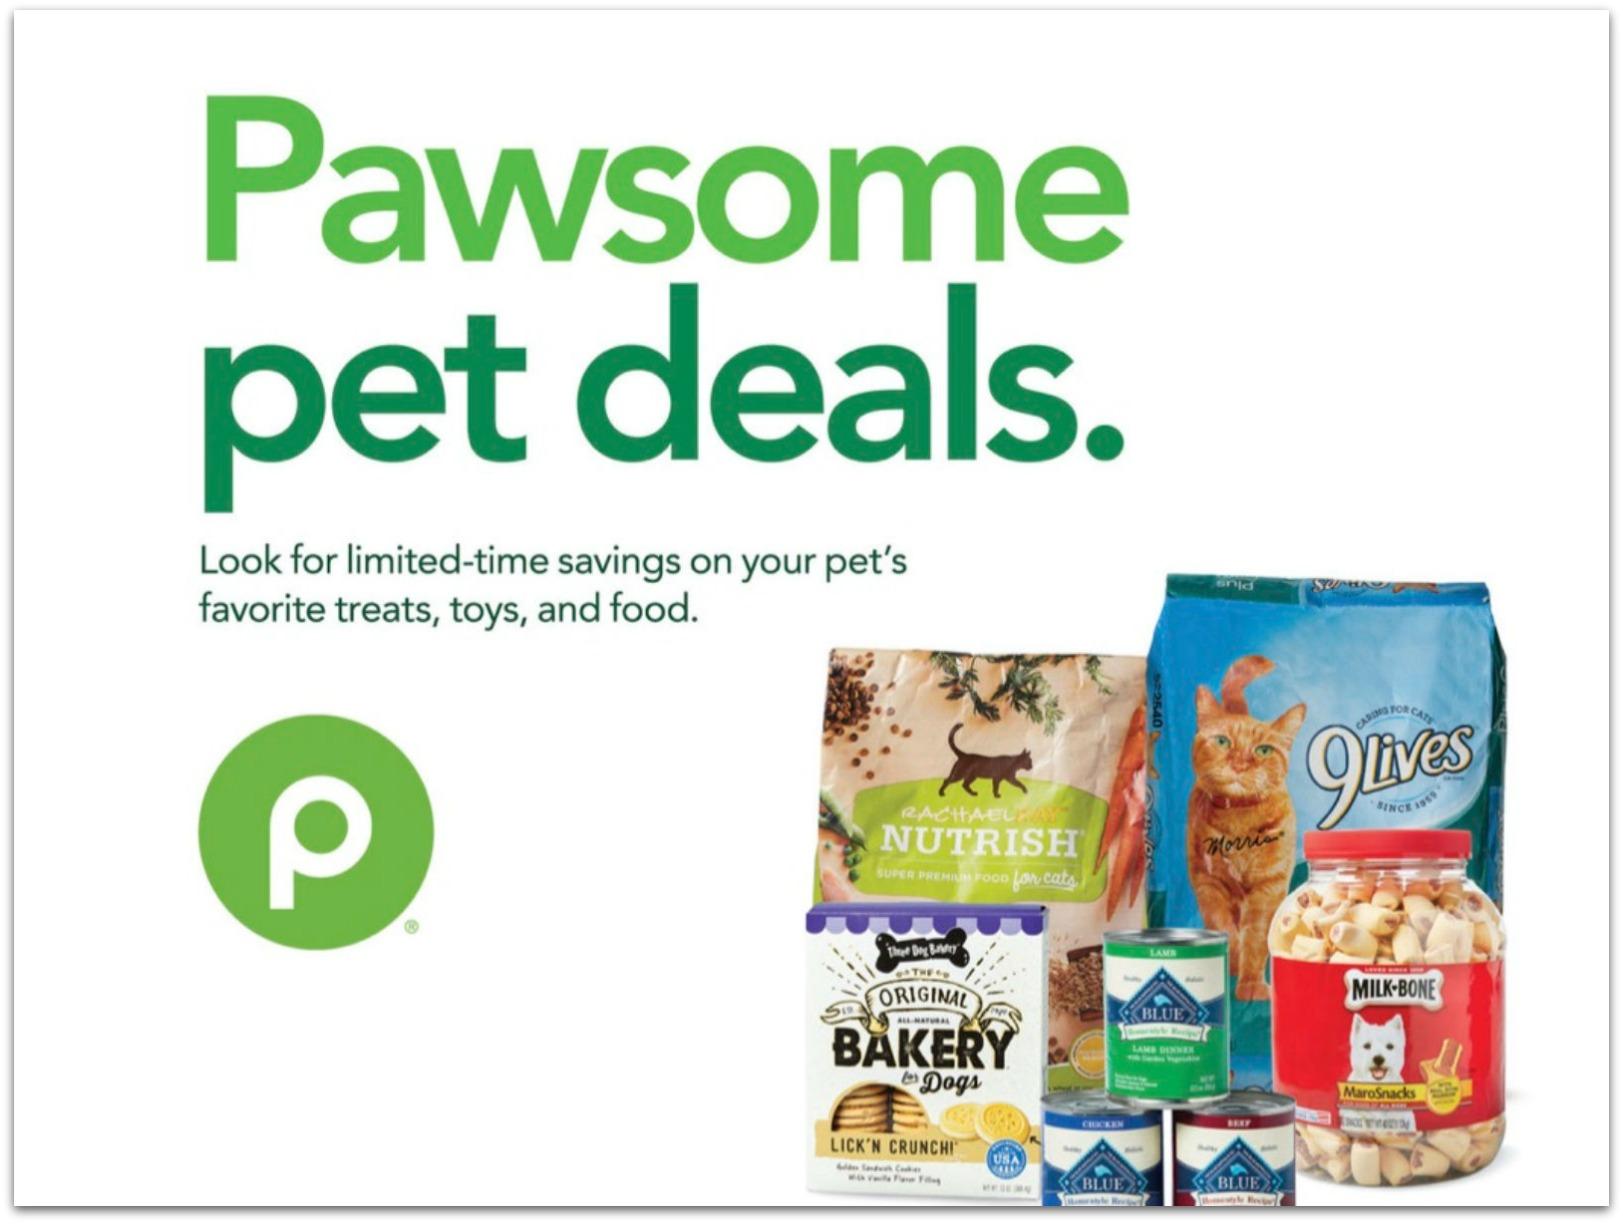 """New Publix Pet Booklet """"Pawsome Pet Deals"""" - Coupons Valid Through 7/1 on I Heart Publix"""